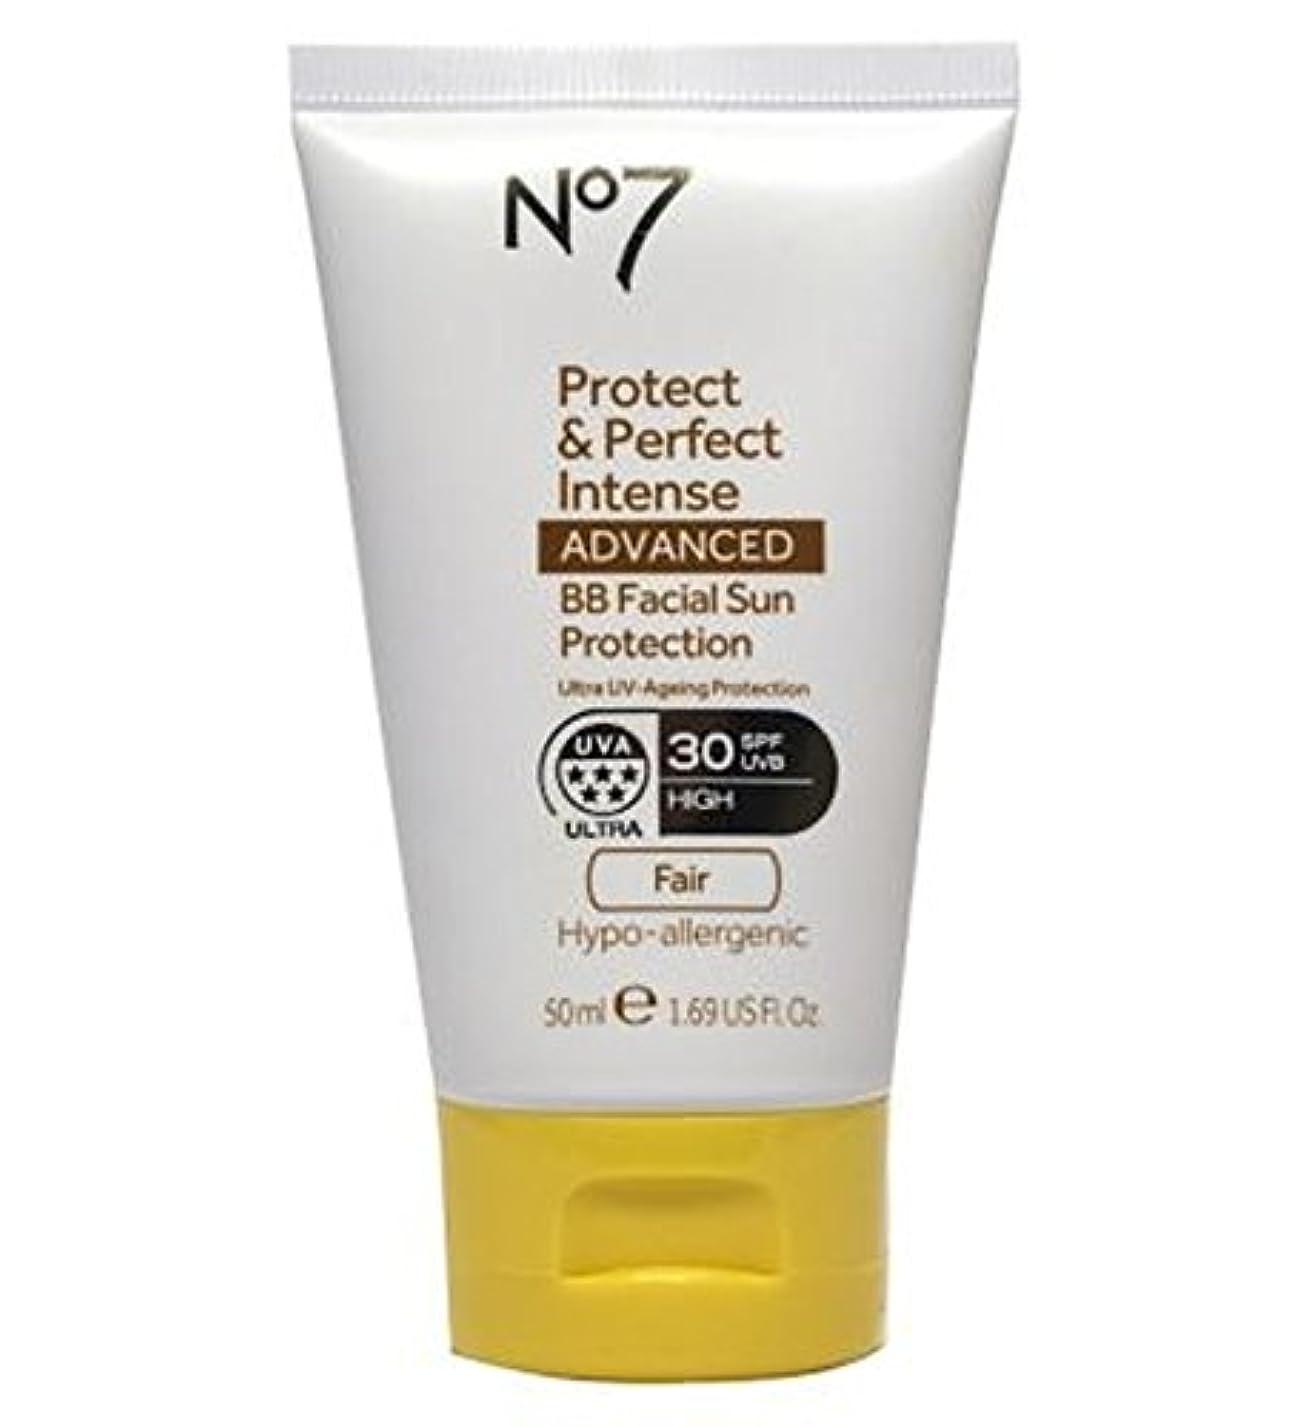 海外神秘円形No7保護&完璧な強烈な先進Bb顔の日焼け防止Spf30ライト50ミリリットル (No7) (x2) - No7 Protect & Perfect Intense ADVANCED BB Facial Sun Protection SPF30 Light 50ml (Pack of 2) [並行輸入品]